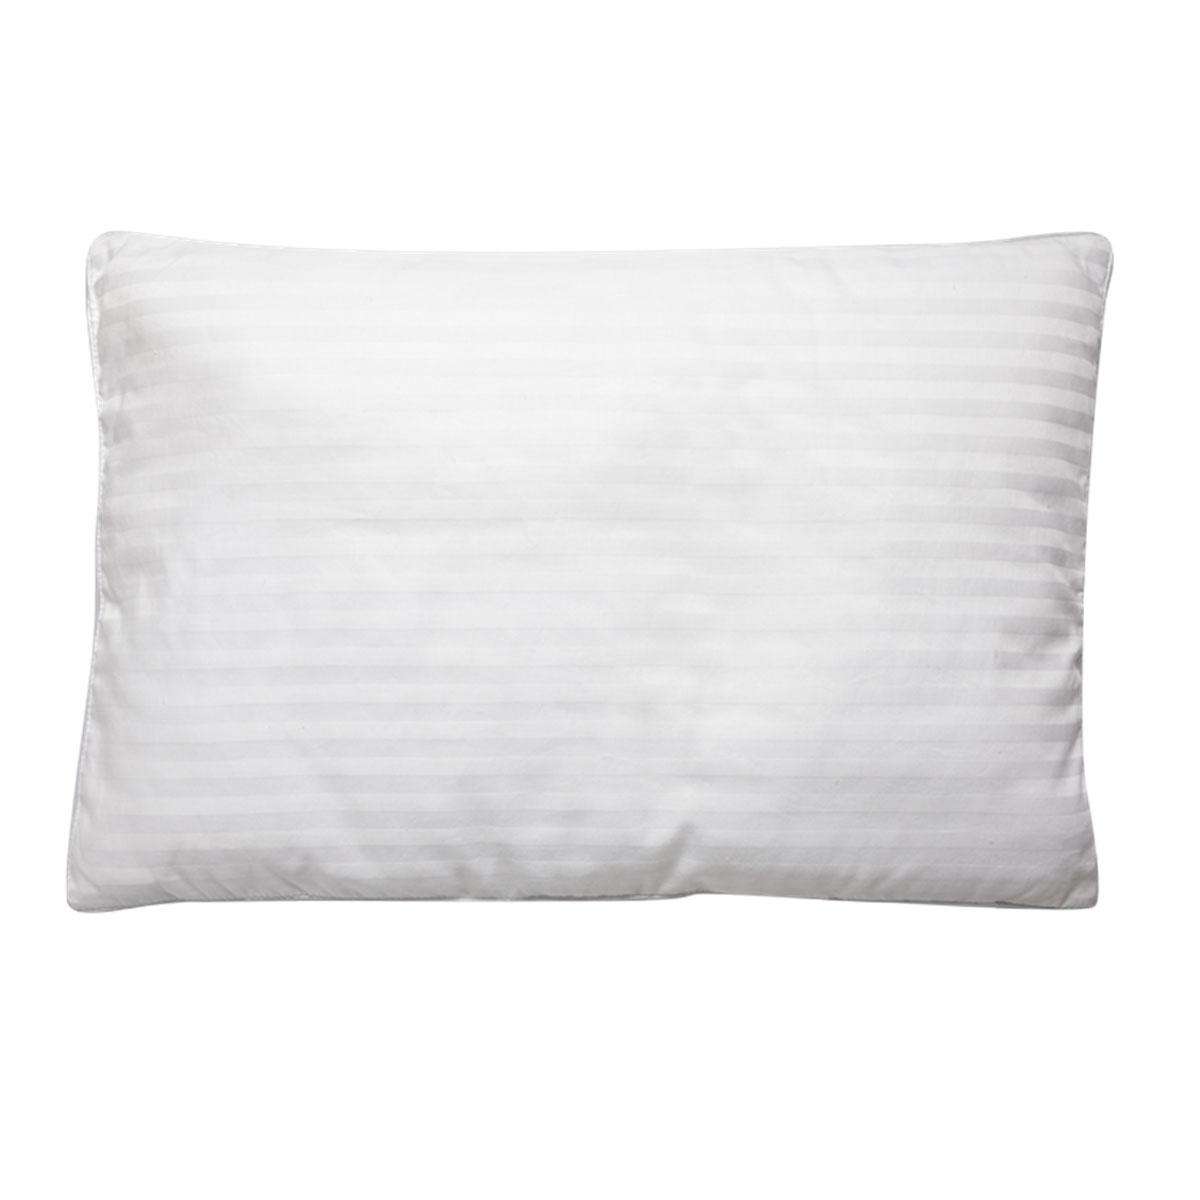 Подушка детская Fani, 40 х 60 см. 113415706-1010503Детская подушка Fani изготовлена из белого итальянского сатина с жаккардовым рисунком с наполнителем из волокна бамбука (пласт под чехлом) и полиэфира. По краям подушка украшена атласной окантовкой. Бамбук является природным антисептиком, обладающим уникальными антибактериальными и дезодорирующими свойствами. Также бамбуковое волокно является абсолютно гипоаллергенным наполнителем, что делает его идеальным для постели ребенка. Характеристики:Материал чехла: сатин, жаккард (100% хлопок). Наполнитель: 70% волокно бамбука, 30% полиэфир. Размер: 40 см х 60 см. Высота подушки: 4 см.